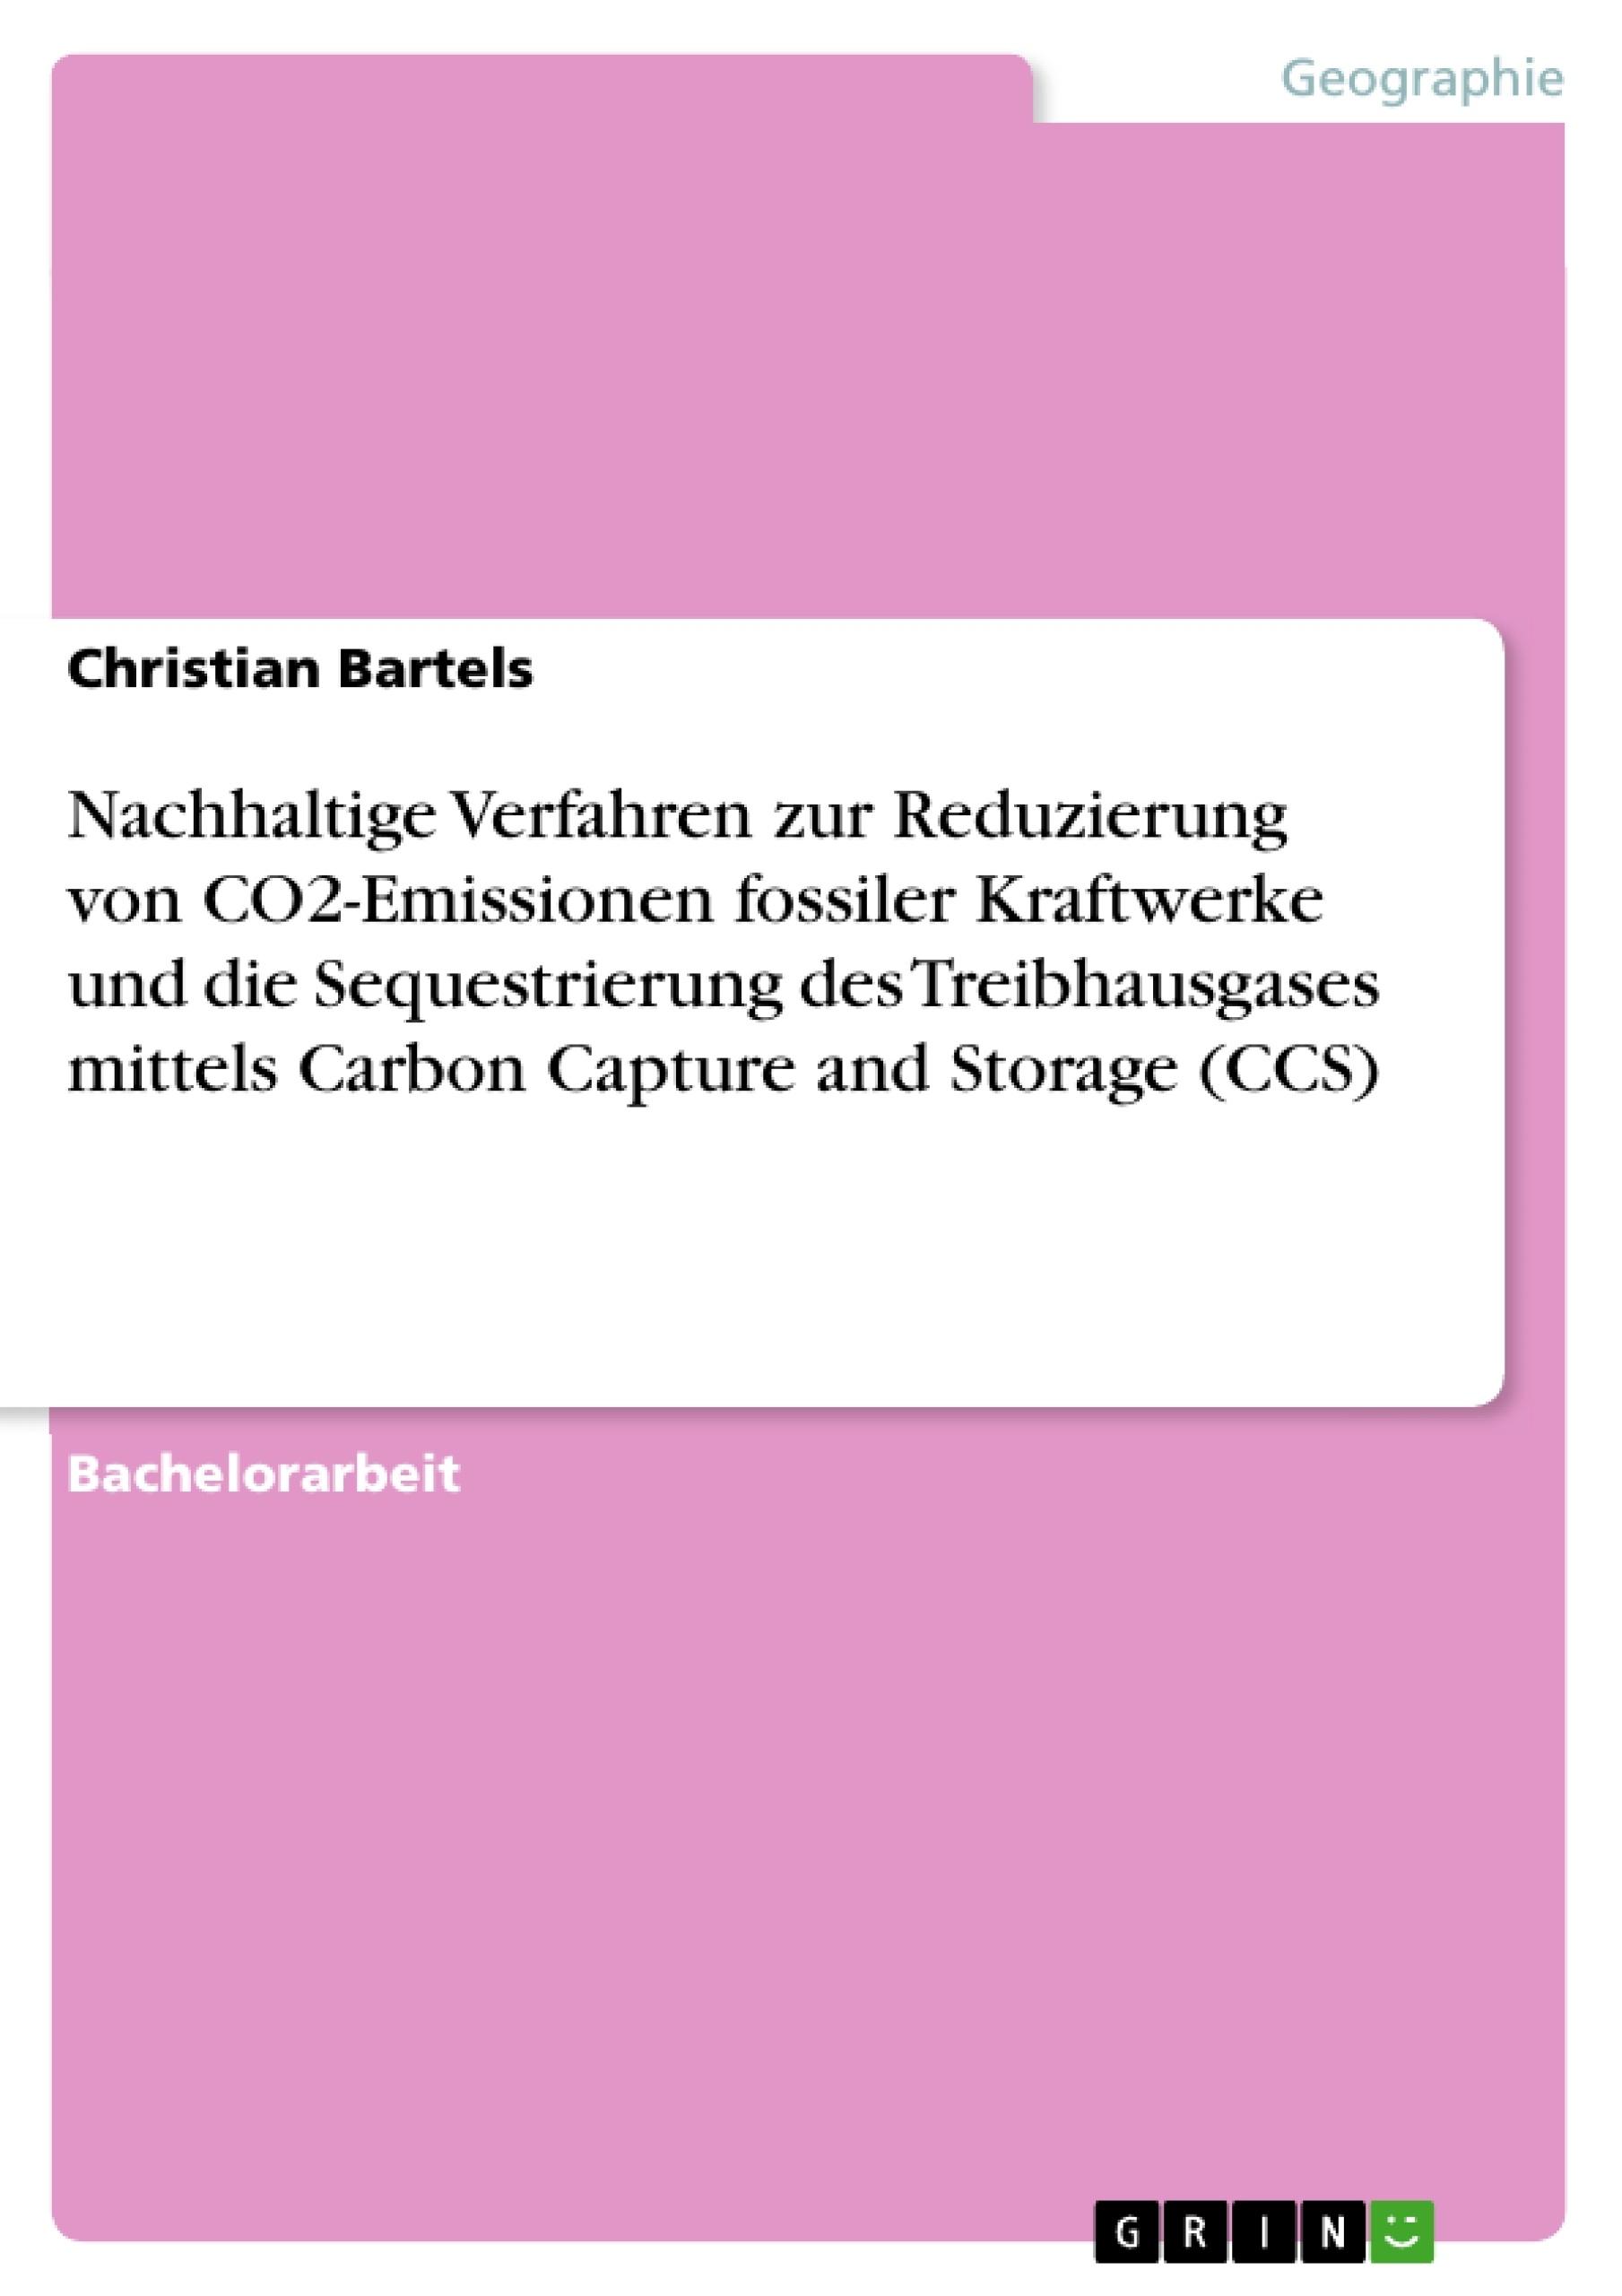 Titel: Nachhaltige Verfahren zur Reduzierung von CO2-Emissionen fossiler Kraftwerke und die Sequestrierung des Treibhausgases mittels Carbon Capture and Storage (CCS)